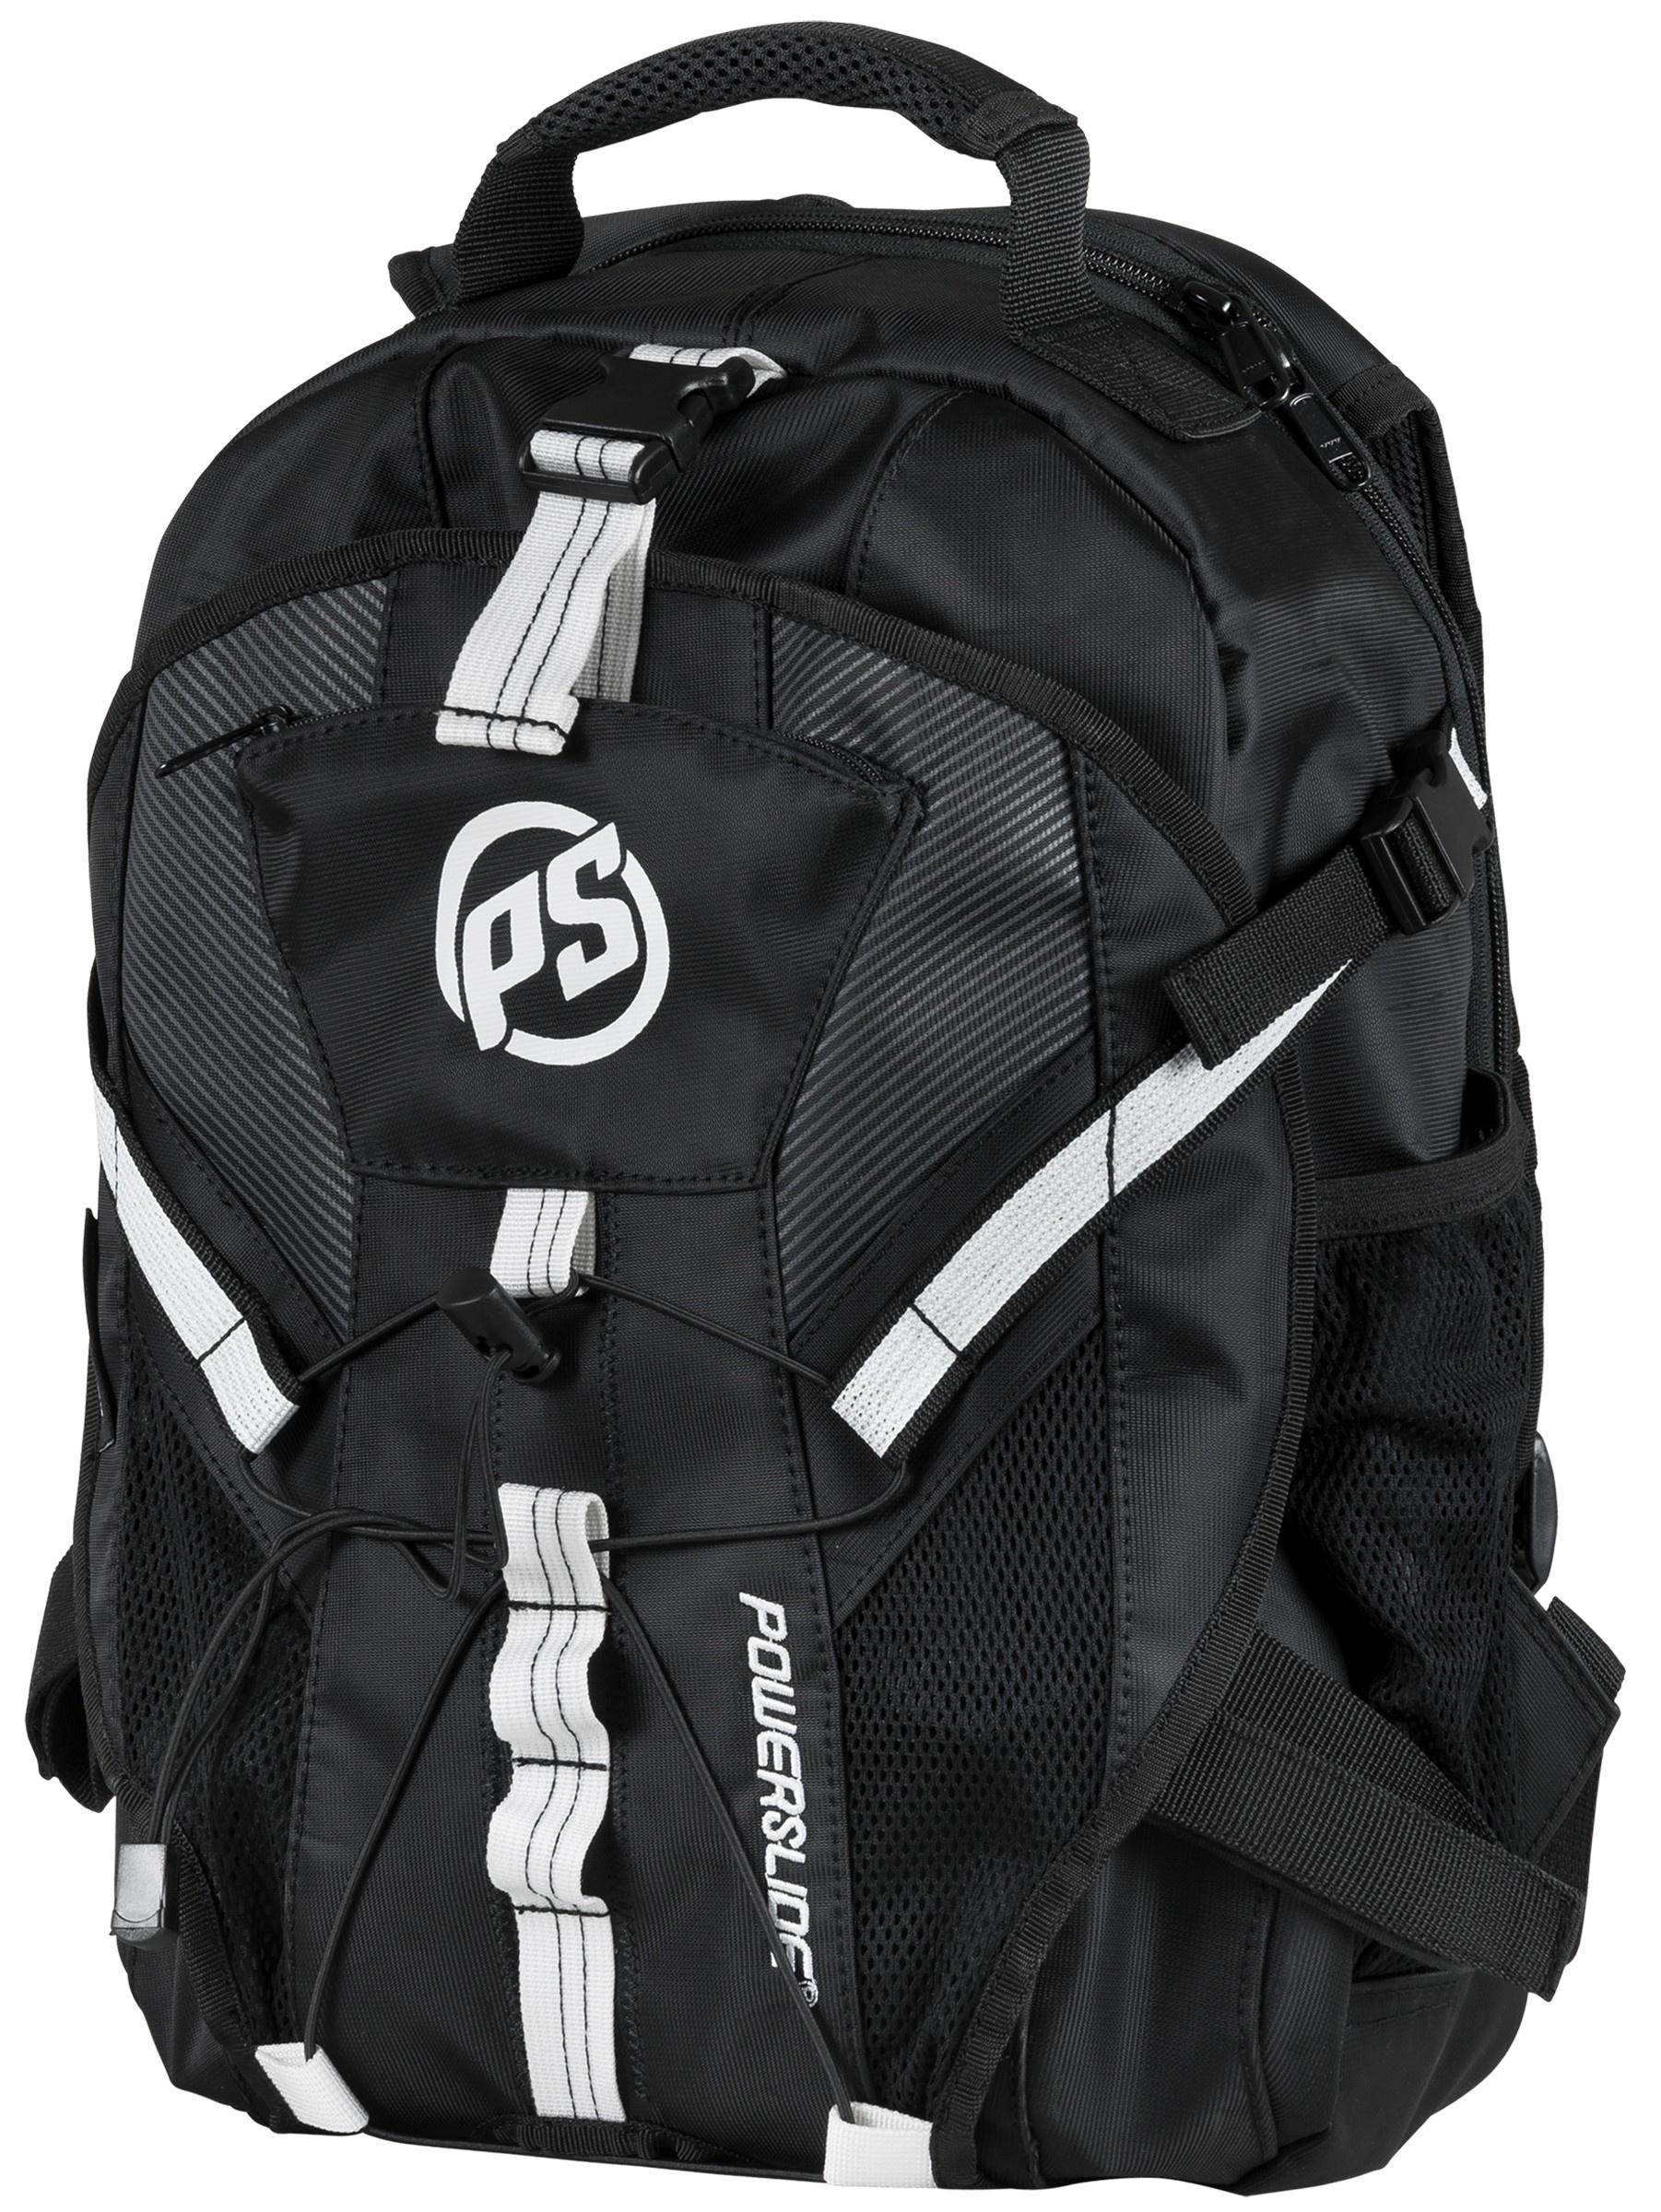 Powerslide Backpack Fitness Backpack Black